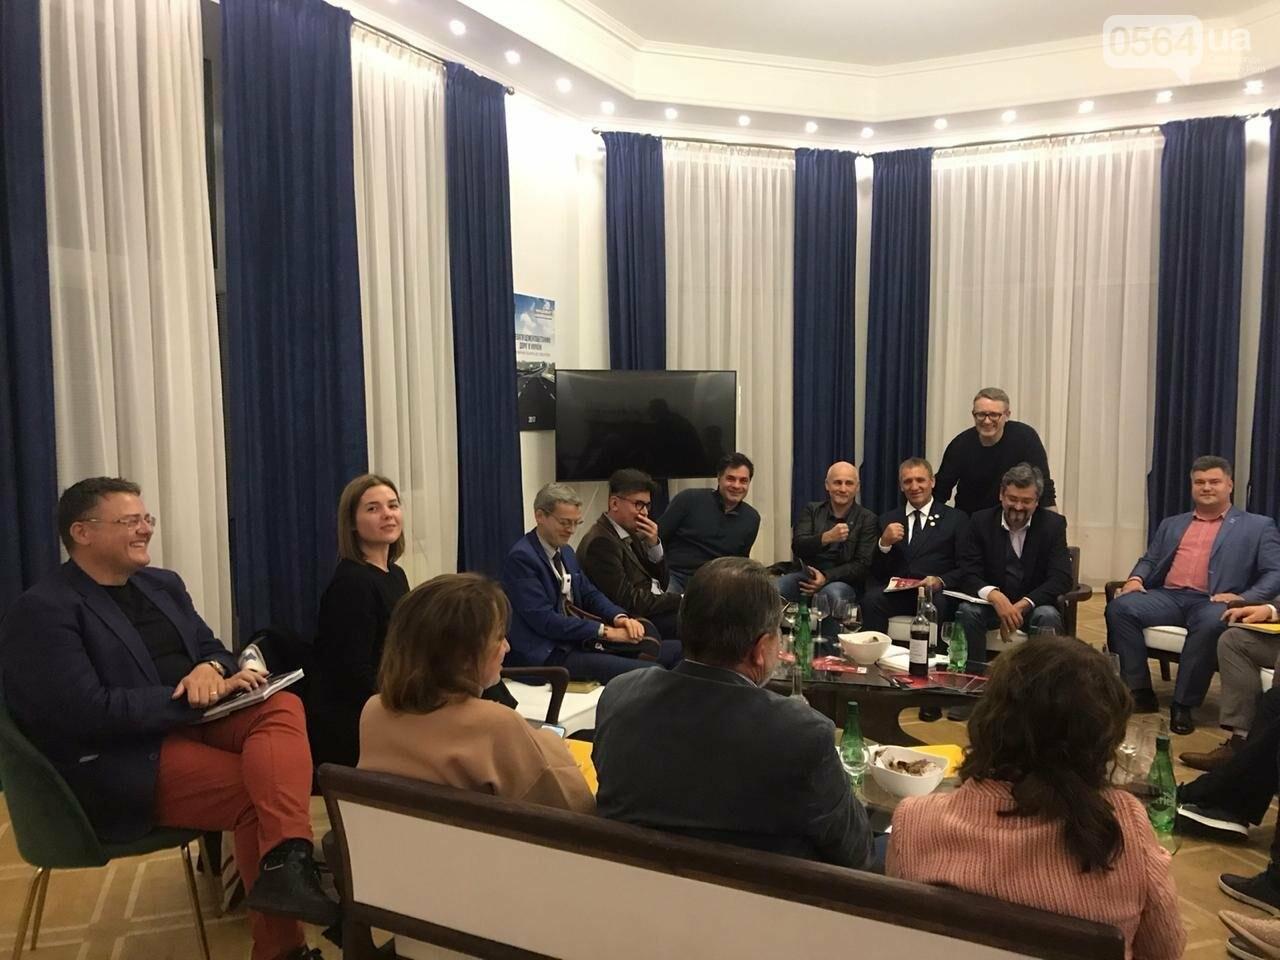 Криворожанин выступил с докладом на первом заседании Общественного совета  по вопросам культуры, молодежи и спорта Украины, - ФОТО , фото-1